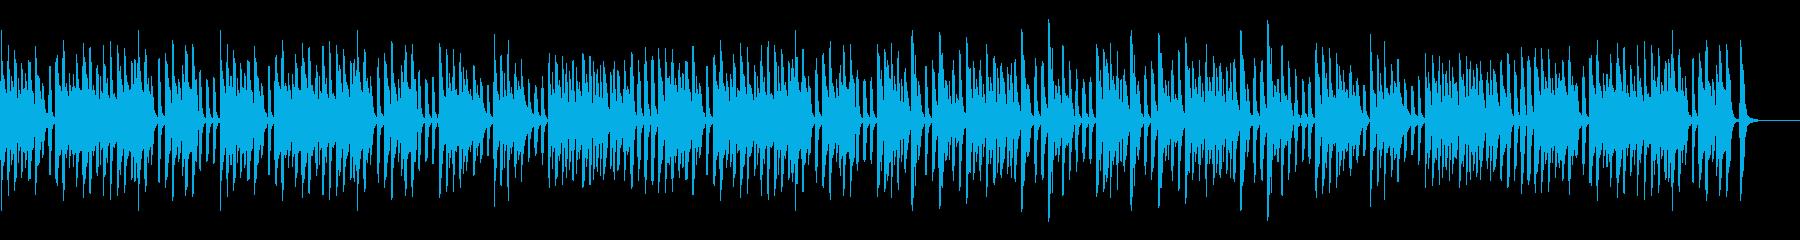 レトロでコミカルなお洒落なピアノの再生済みの波形